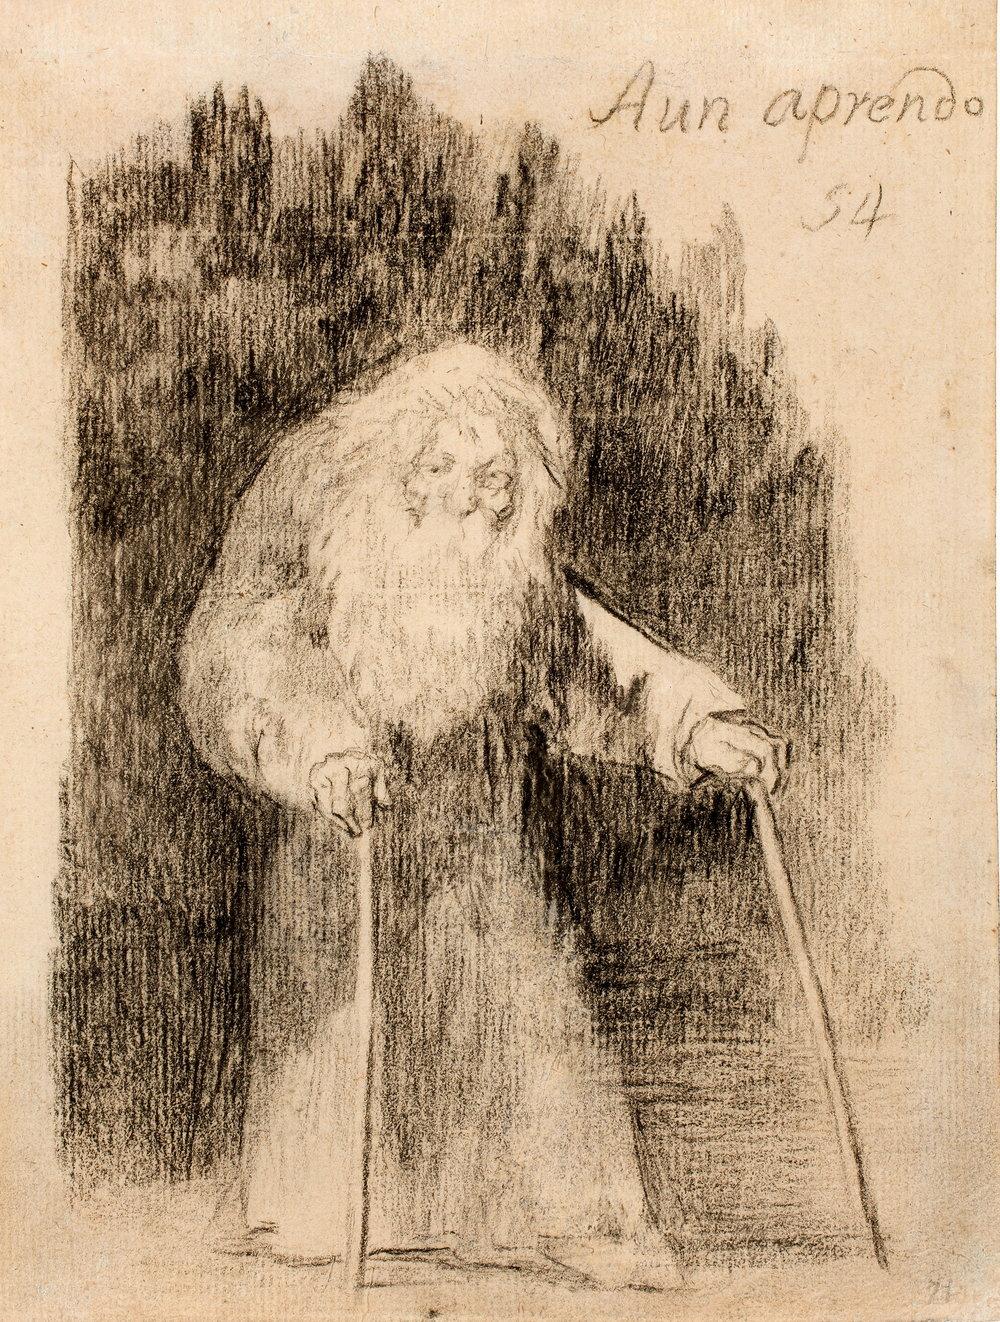 Francisco de Goya, «Aún aprendo», Álbum de Burdeos I o Álbum G, n.º 54, 1825-1828, dibujo a lápiz negro y lápiz litográfico sobre papel verjurado agrisado, 192 x 145 mm, Museo del Prado (Madrid, España)